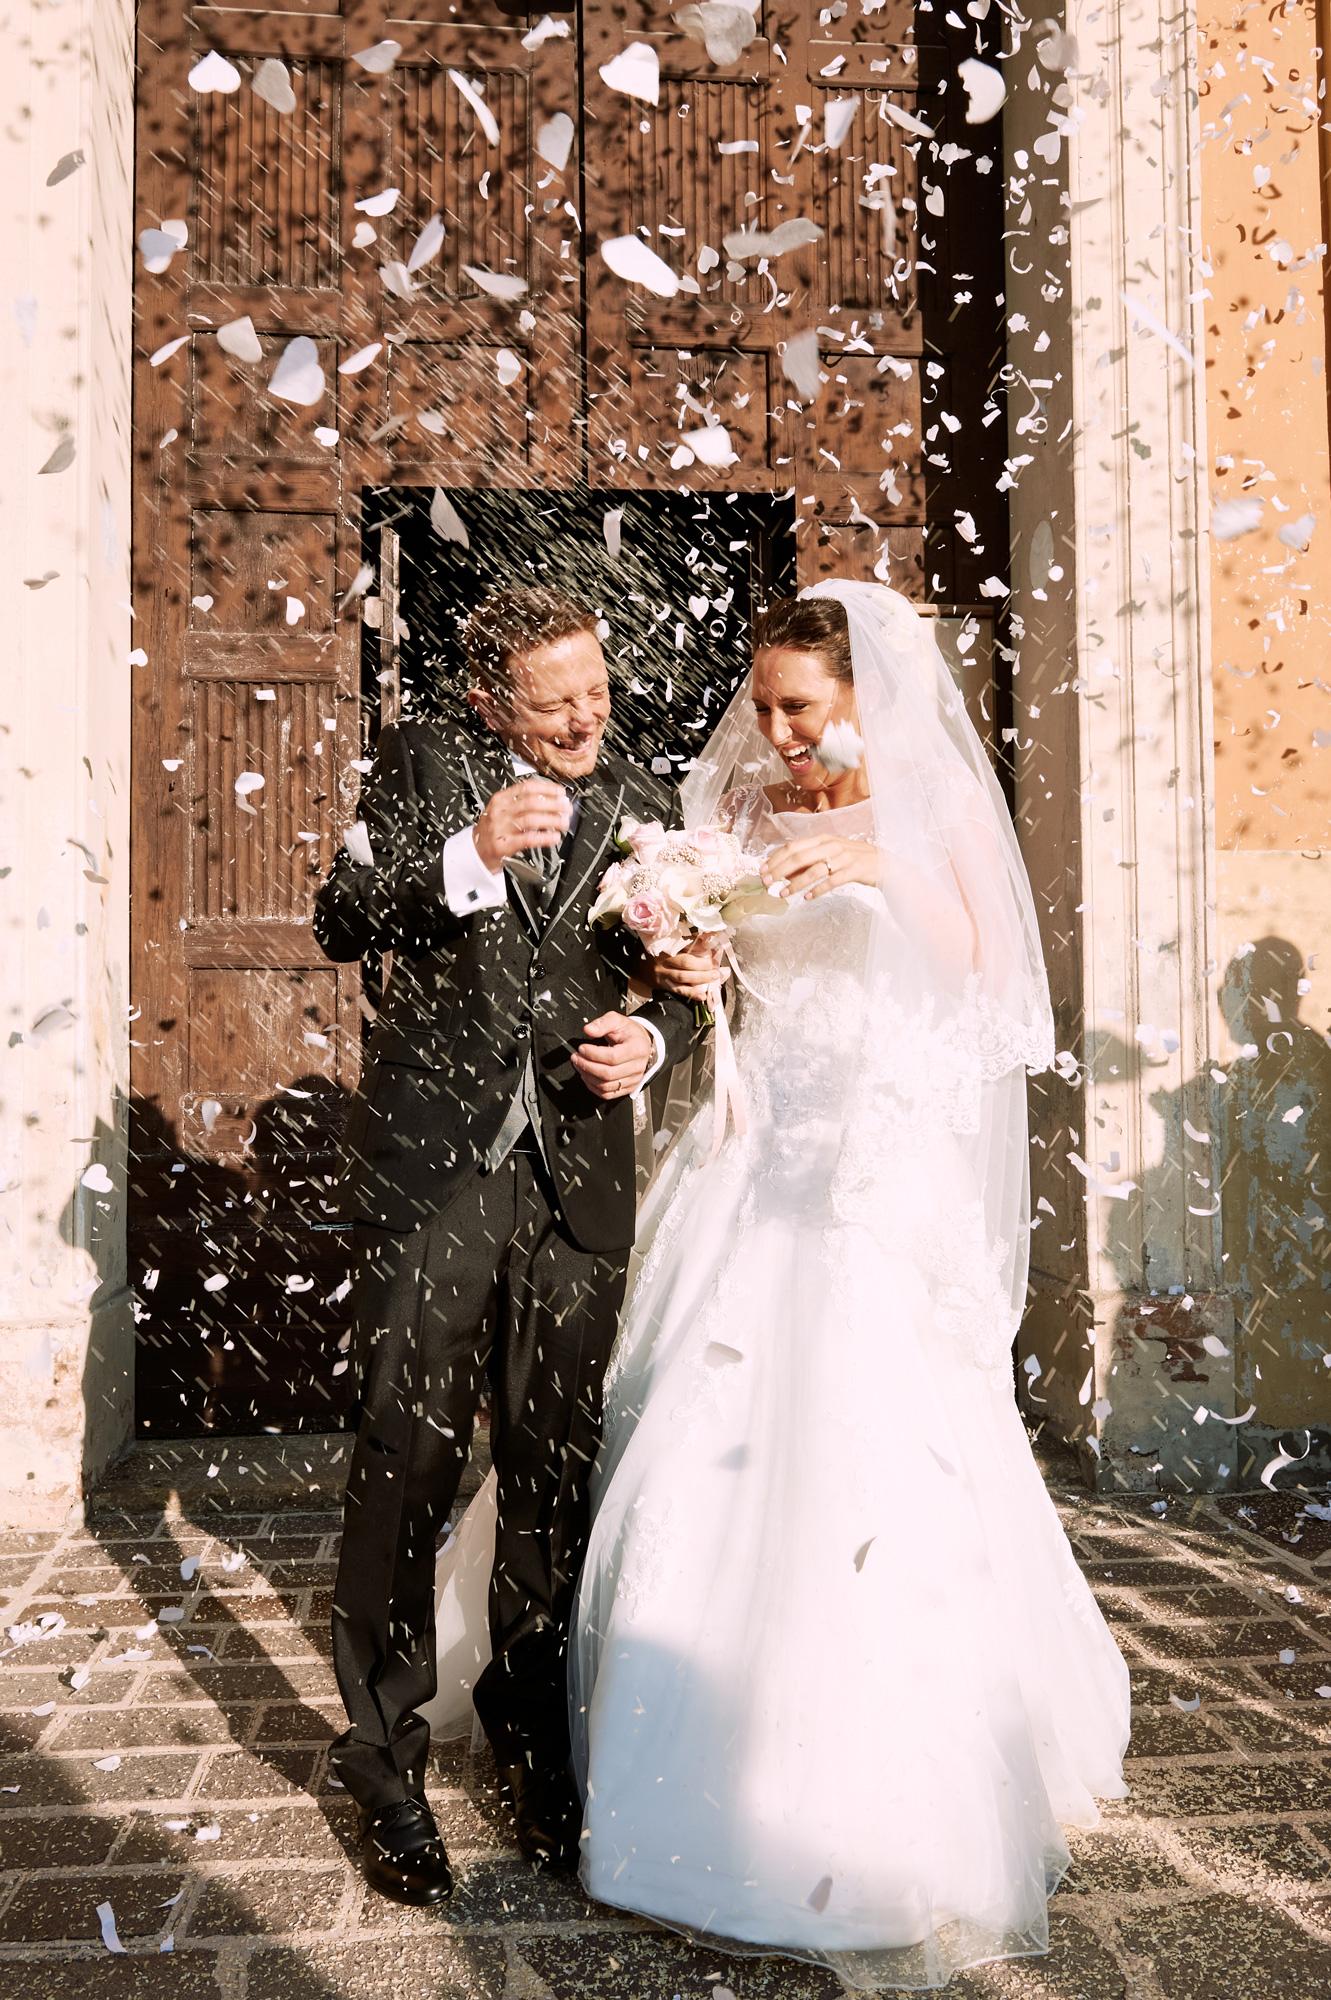 19-ivano_di_maria_fotografo_matrimonio_ aless_aless